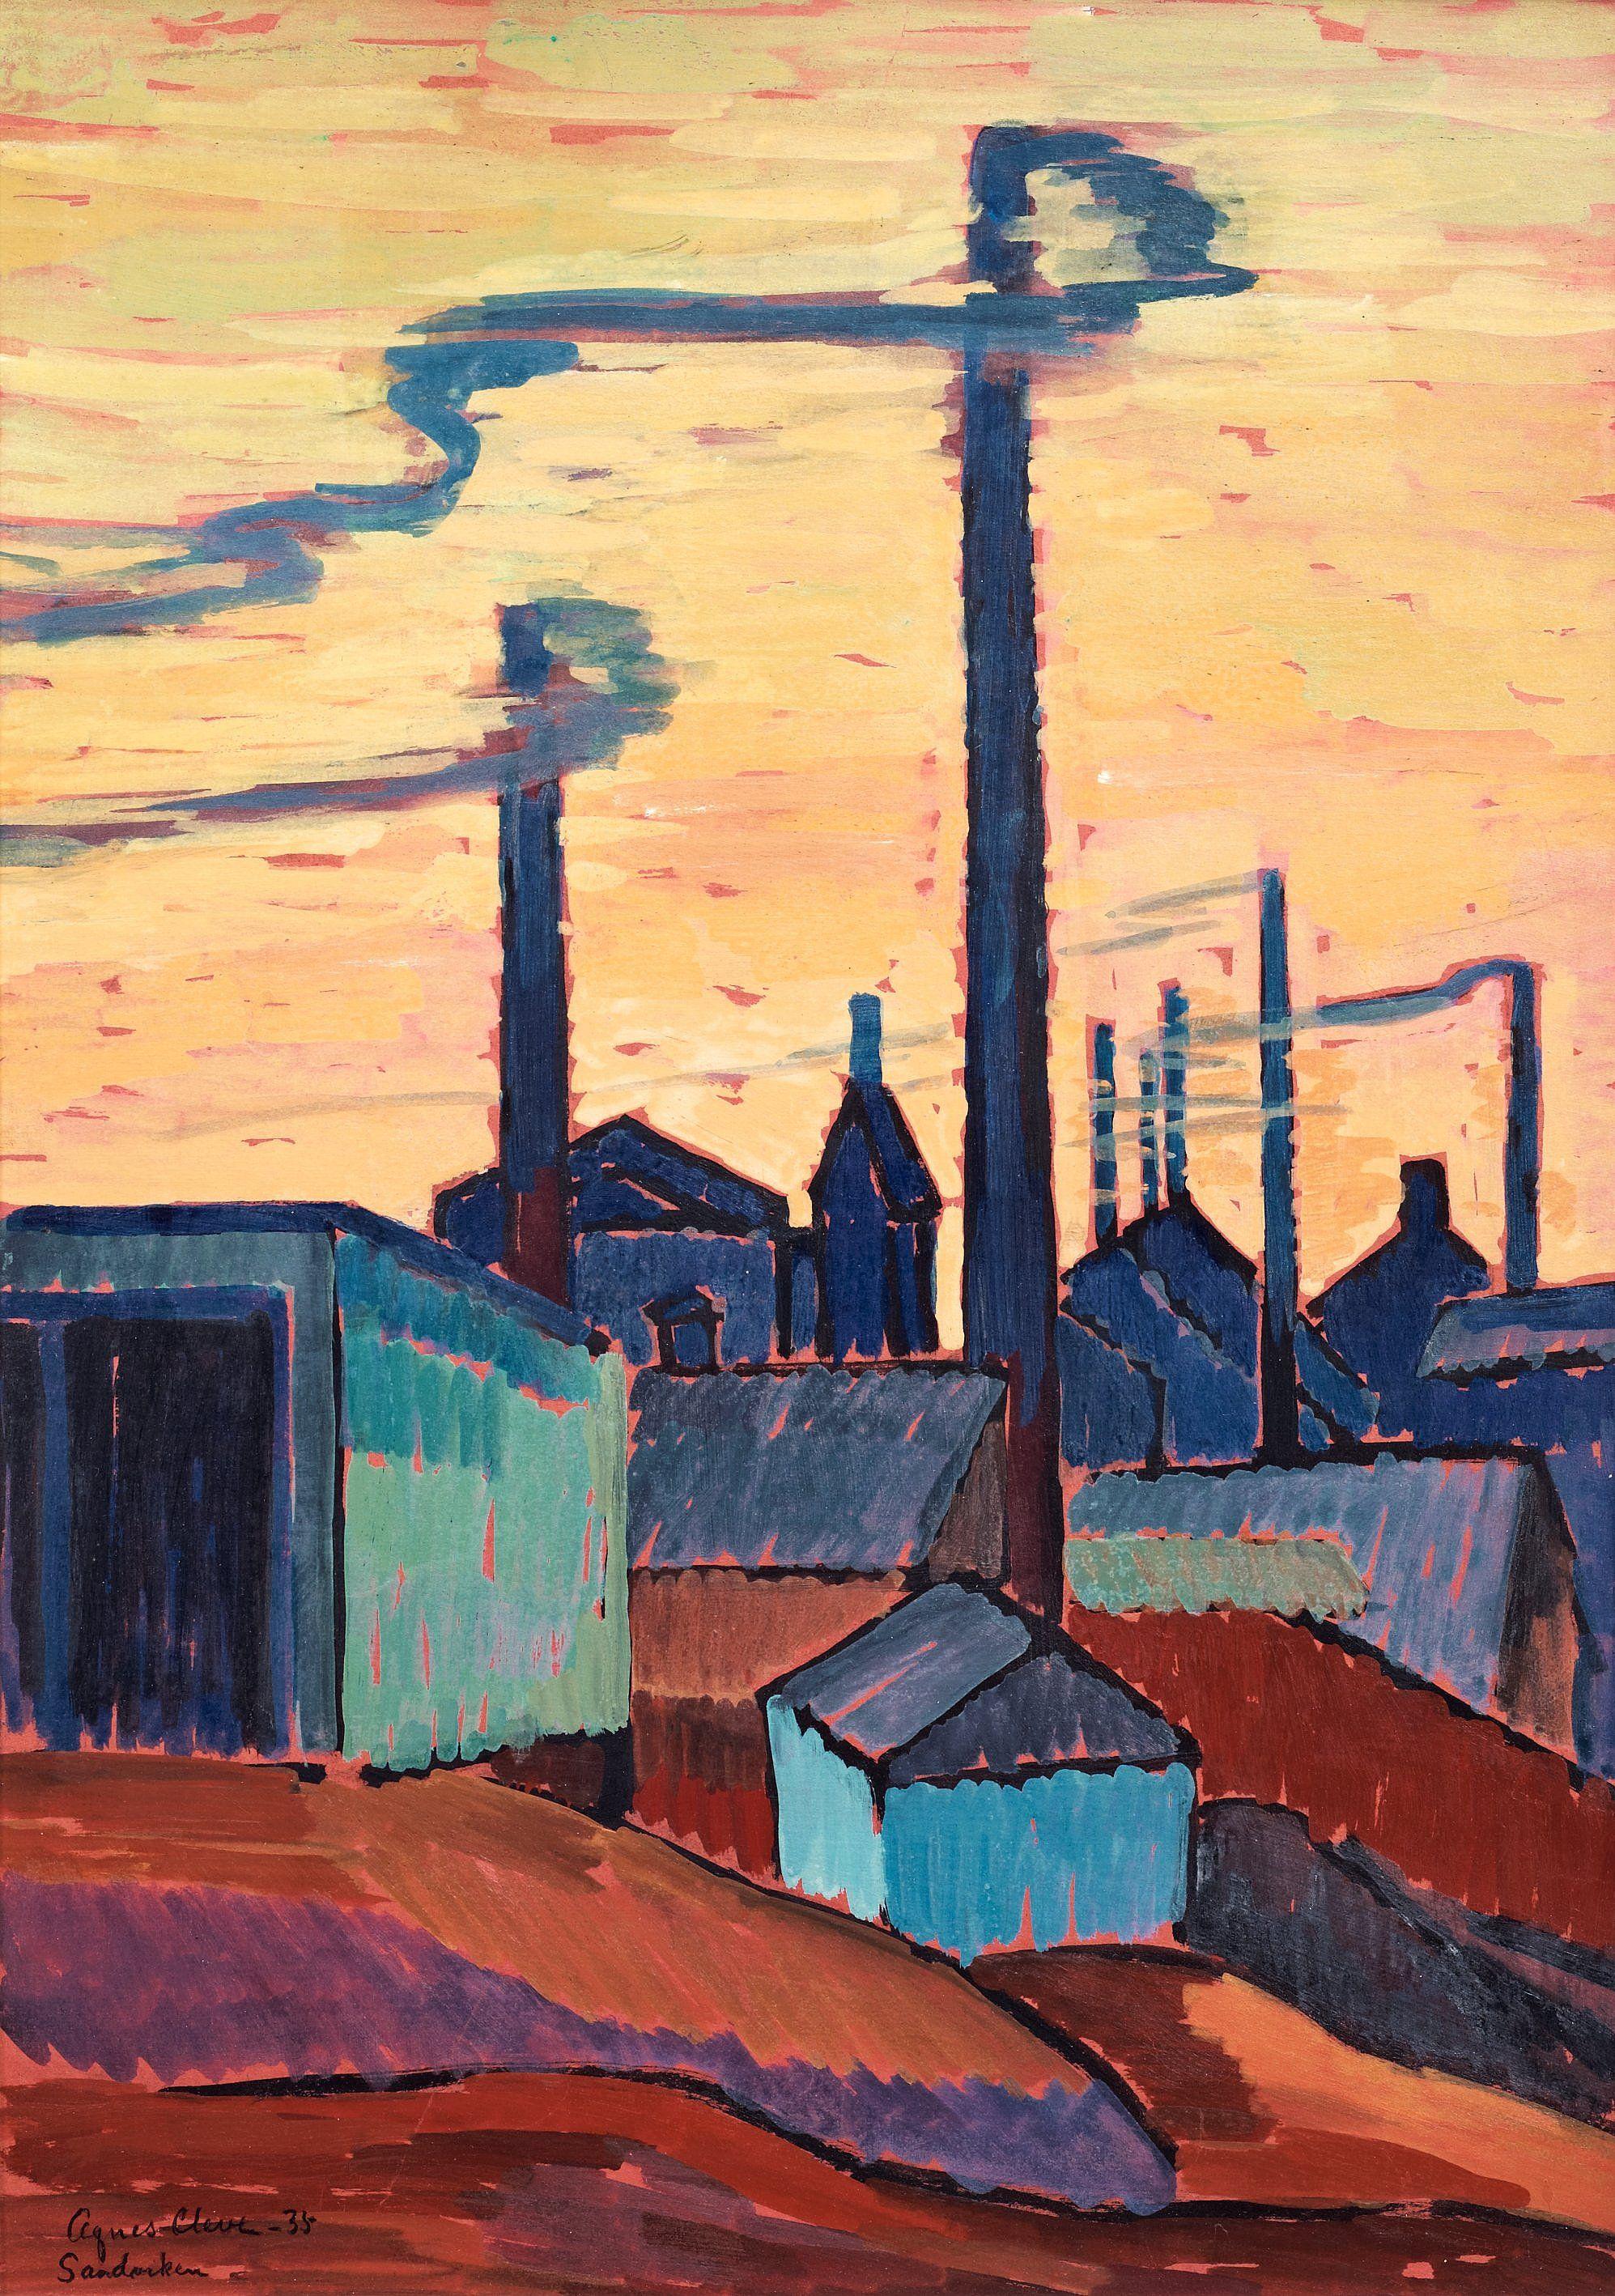 Agnes cleve evening light sandviken sweden industrial